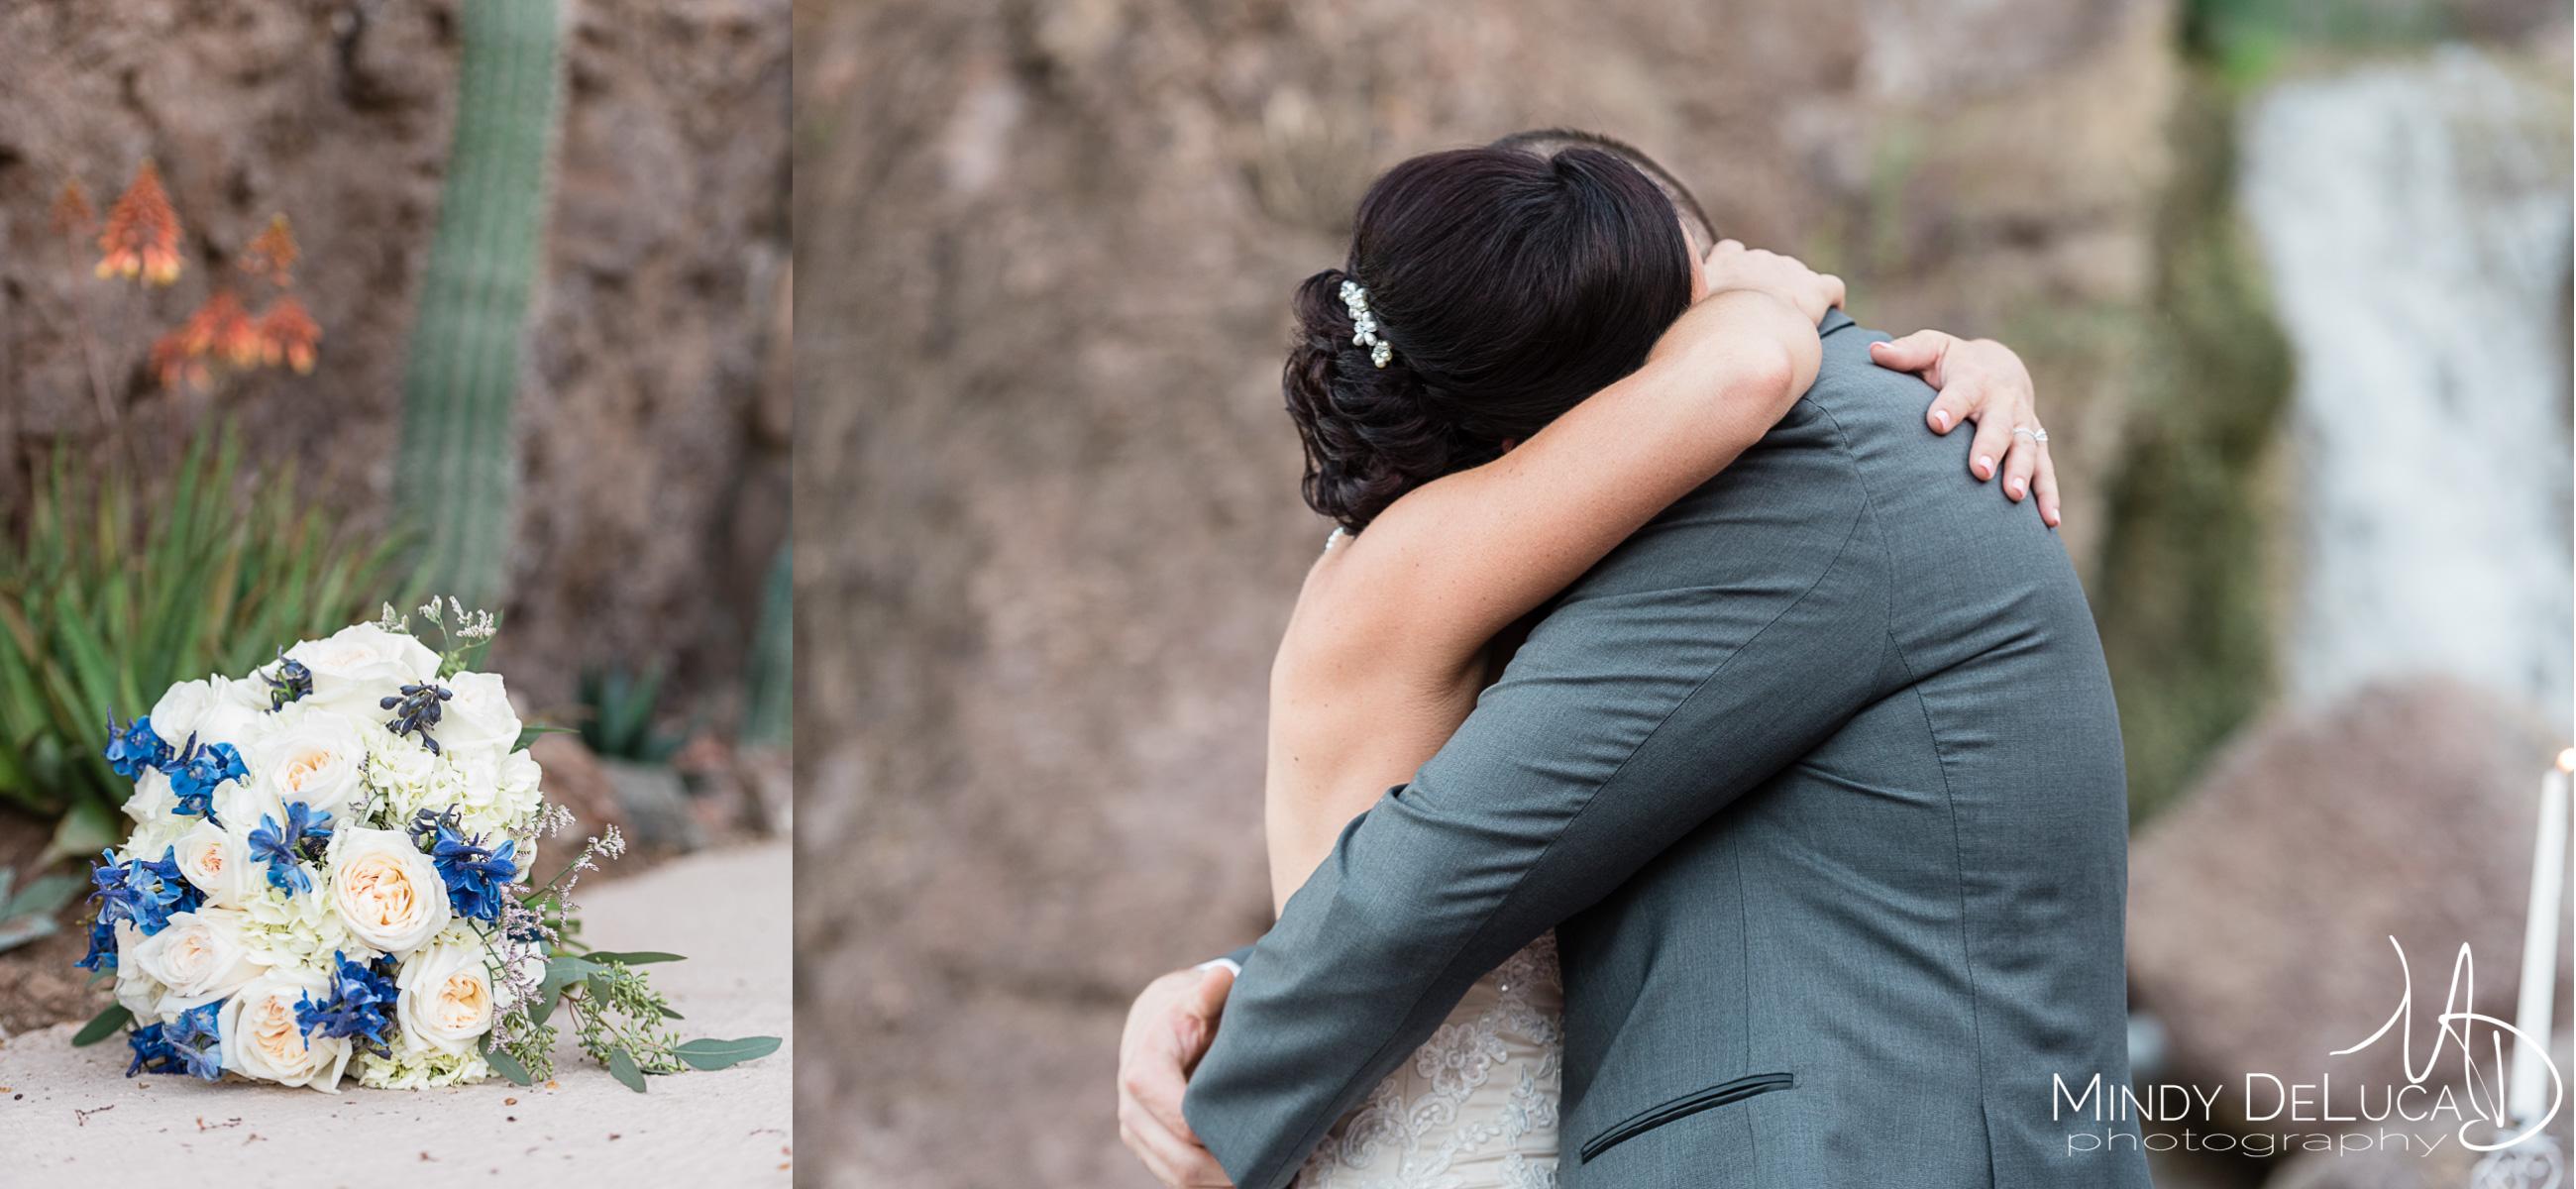 First kiss, wedding bouquet